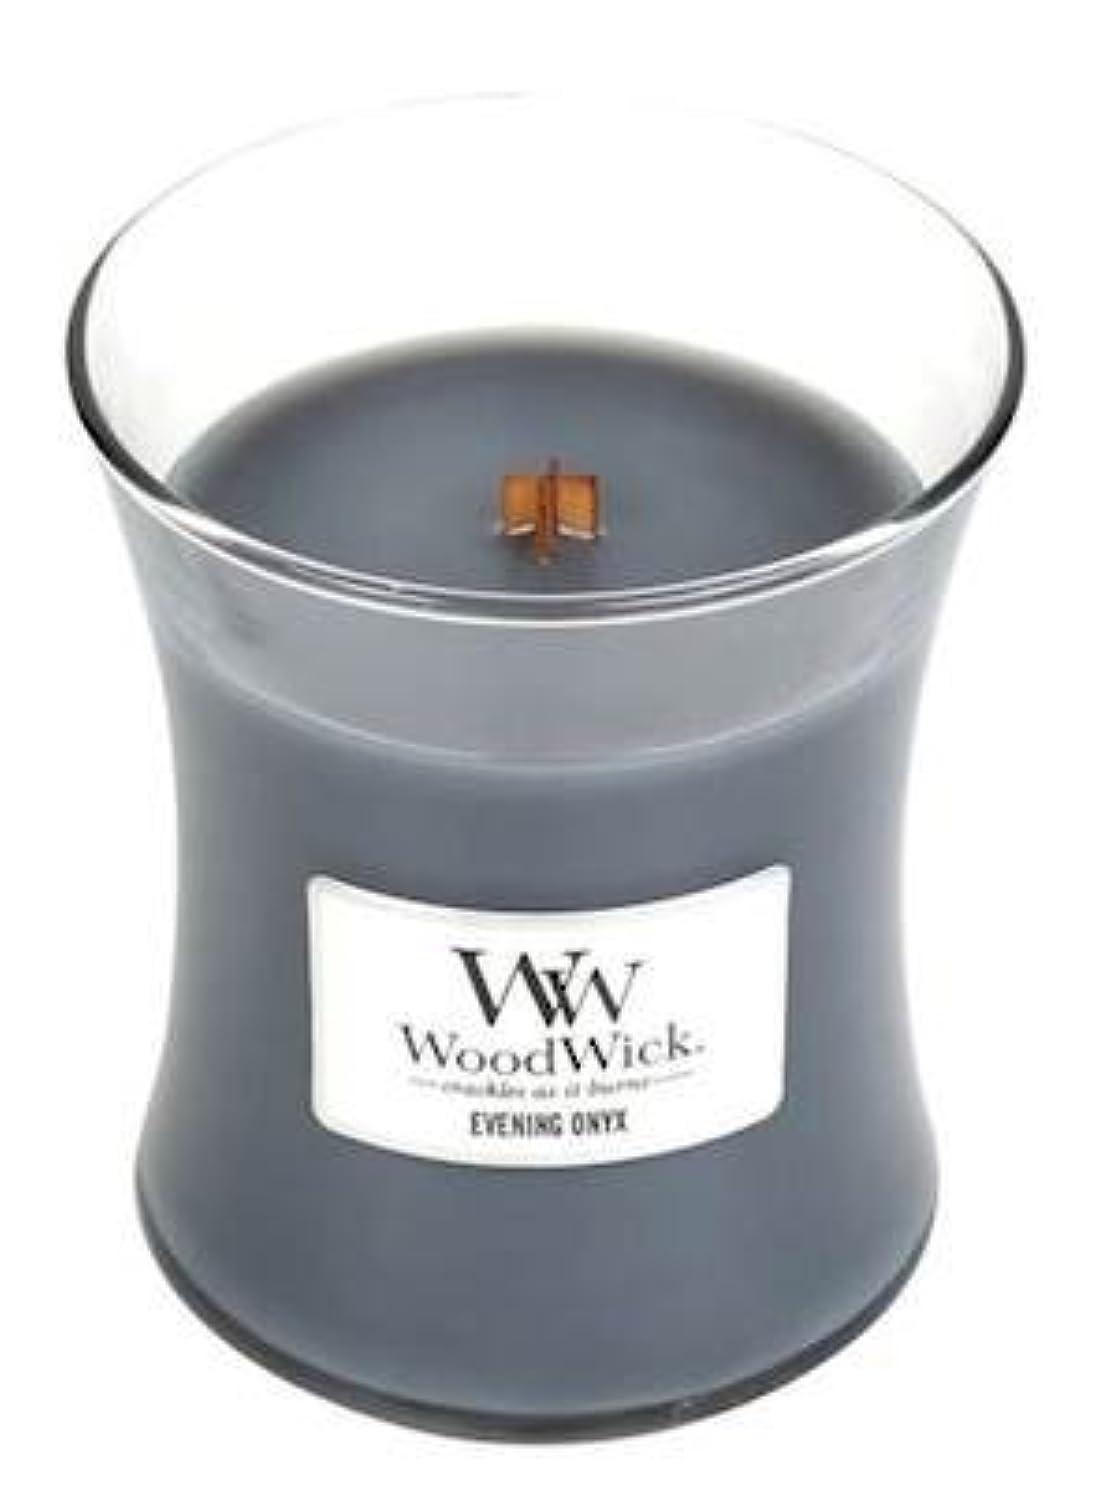 者目覚めるリングレットイブニングオニキスWoodWick 10 oz Medium砂時計Jar Candle Burns 100時間